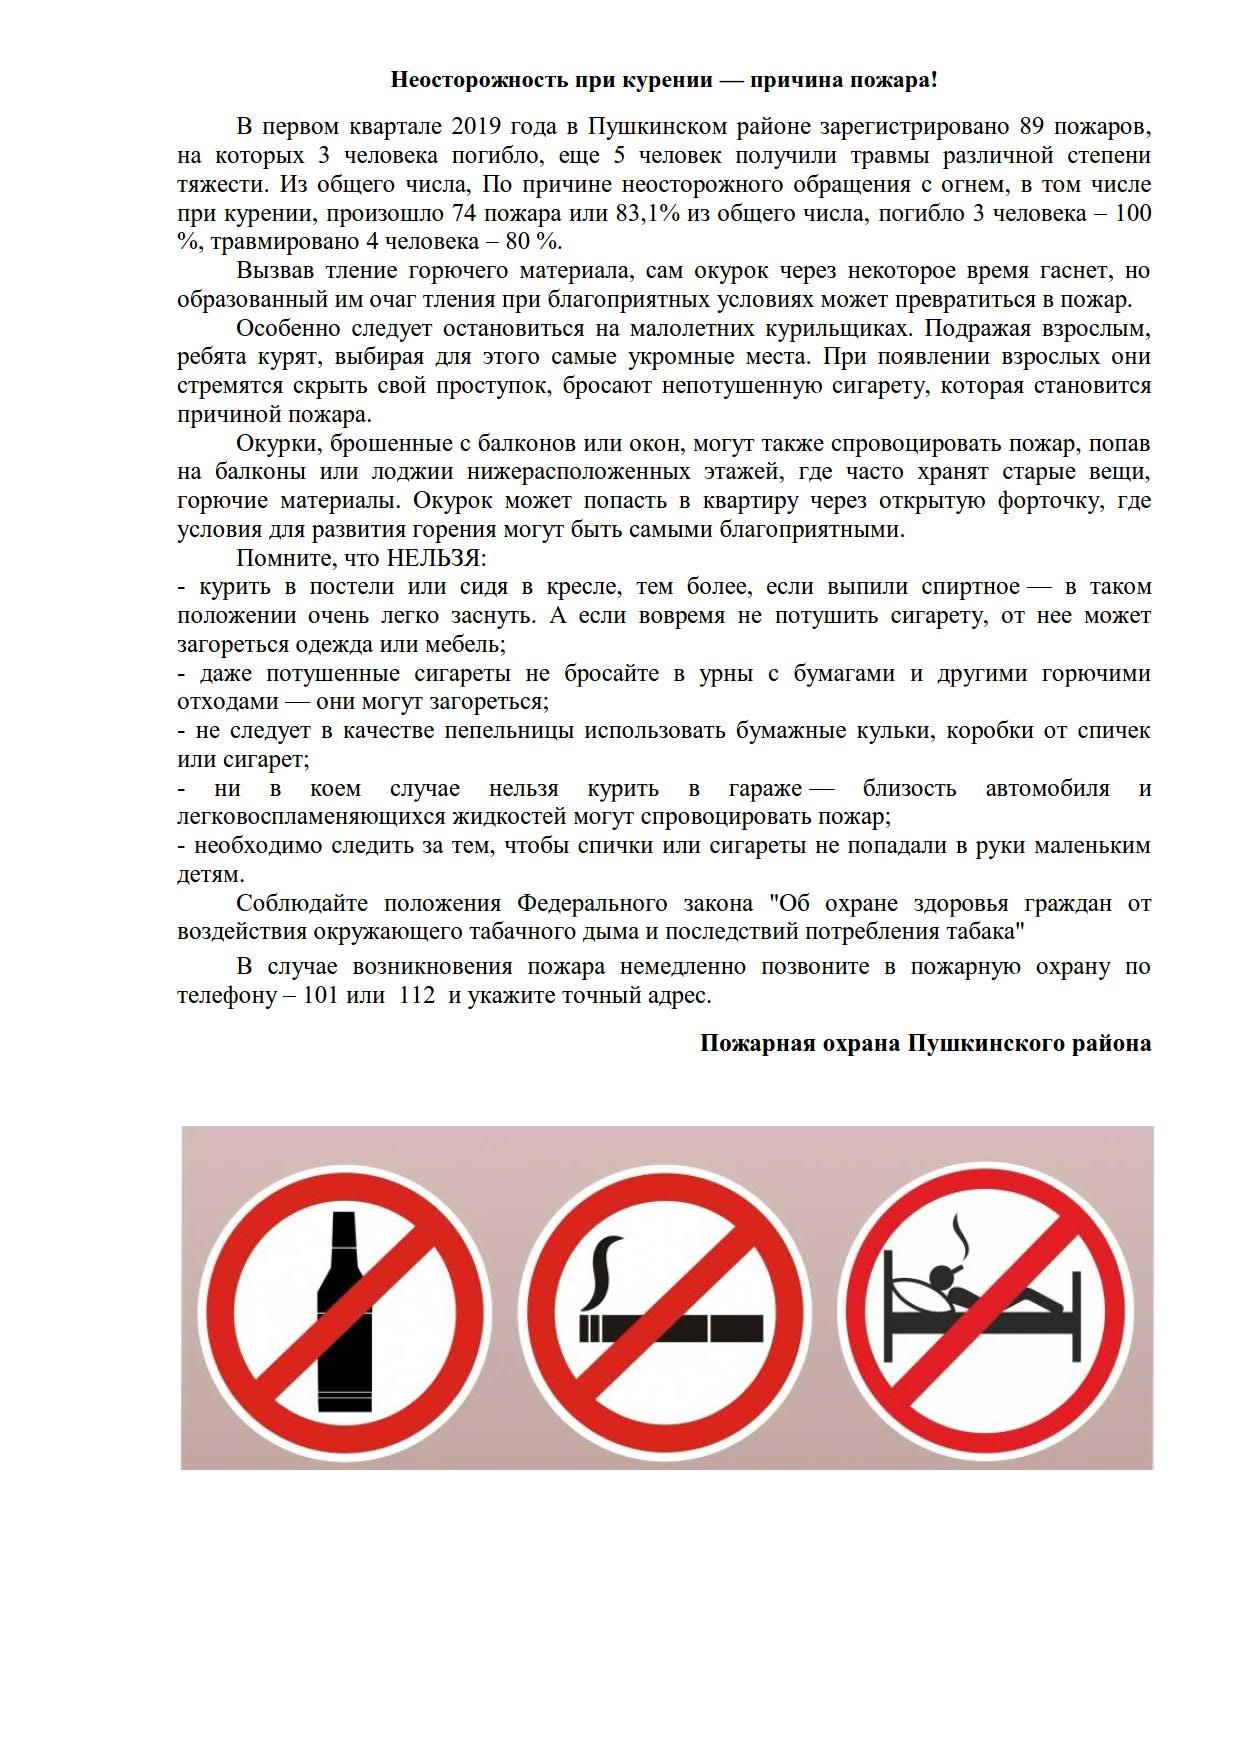 статья май 2019 курение_1